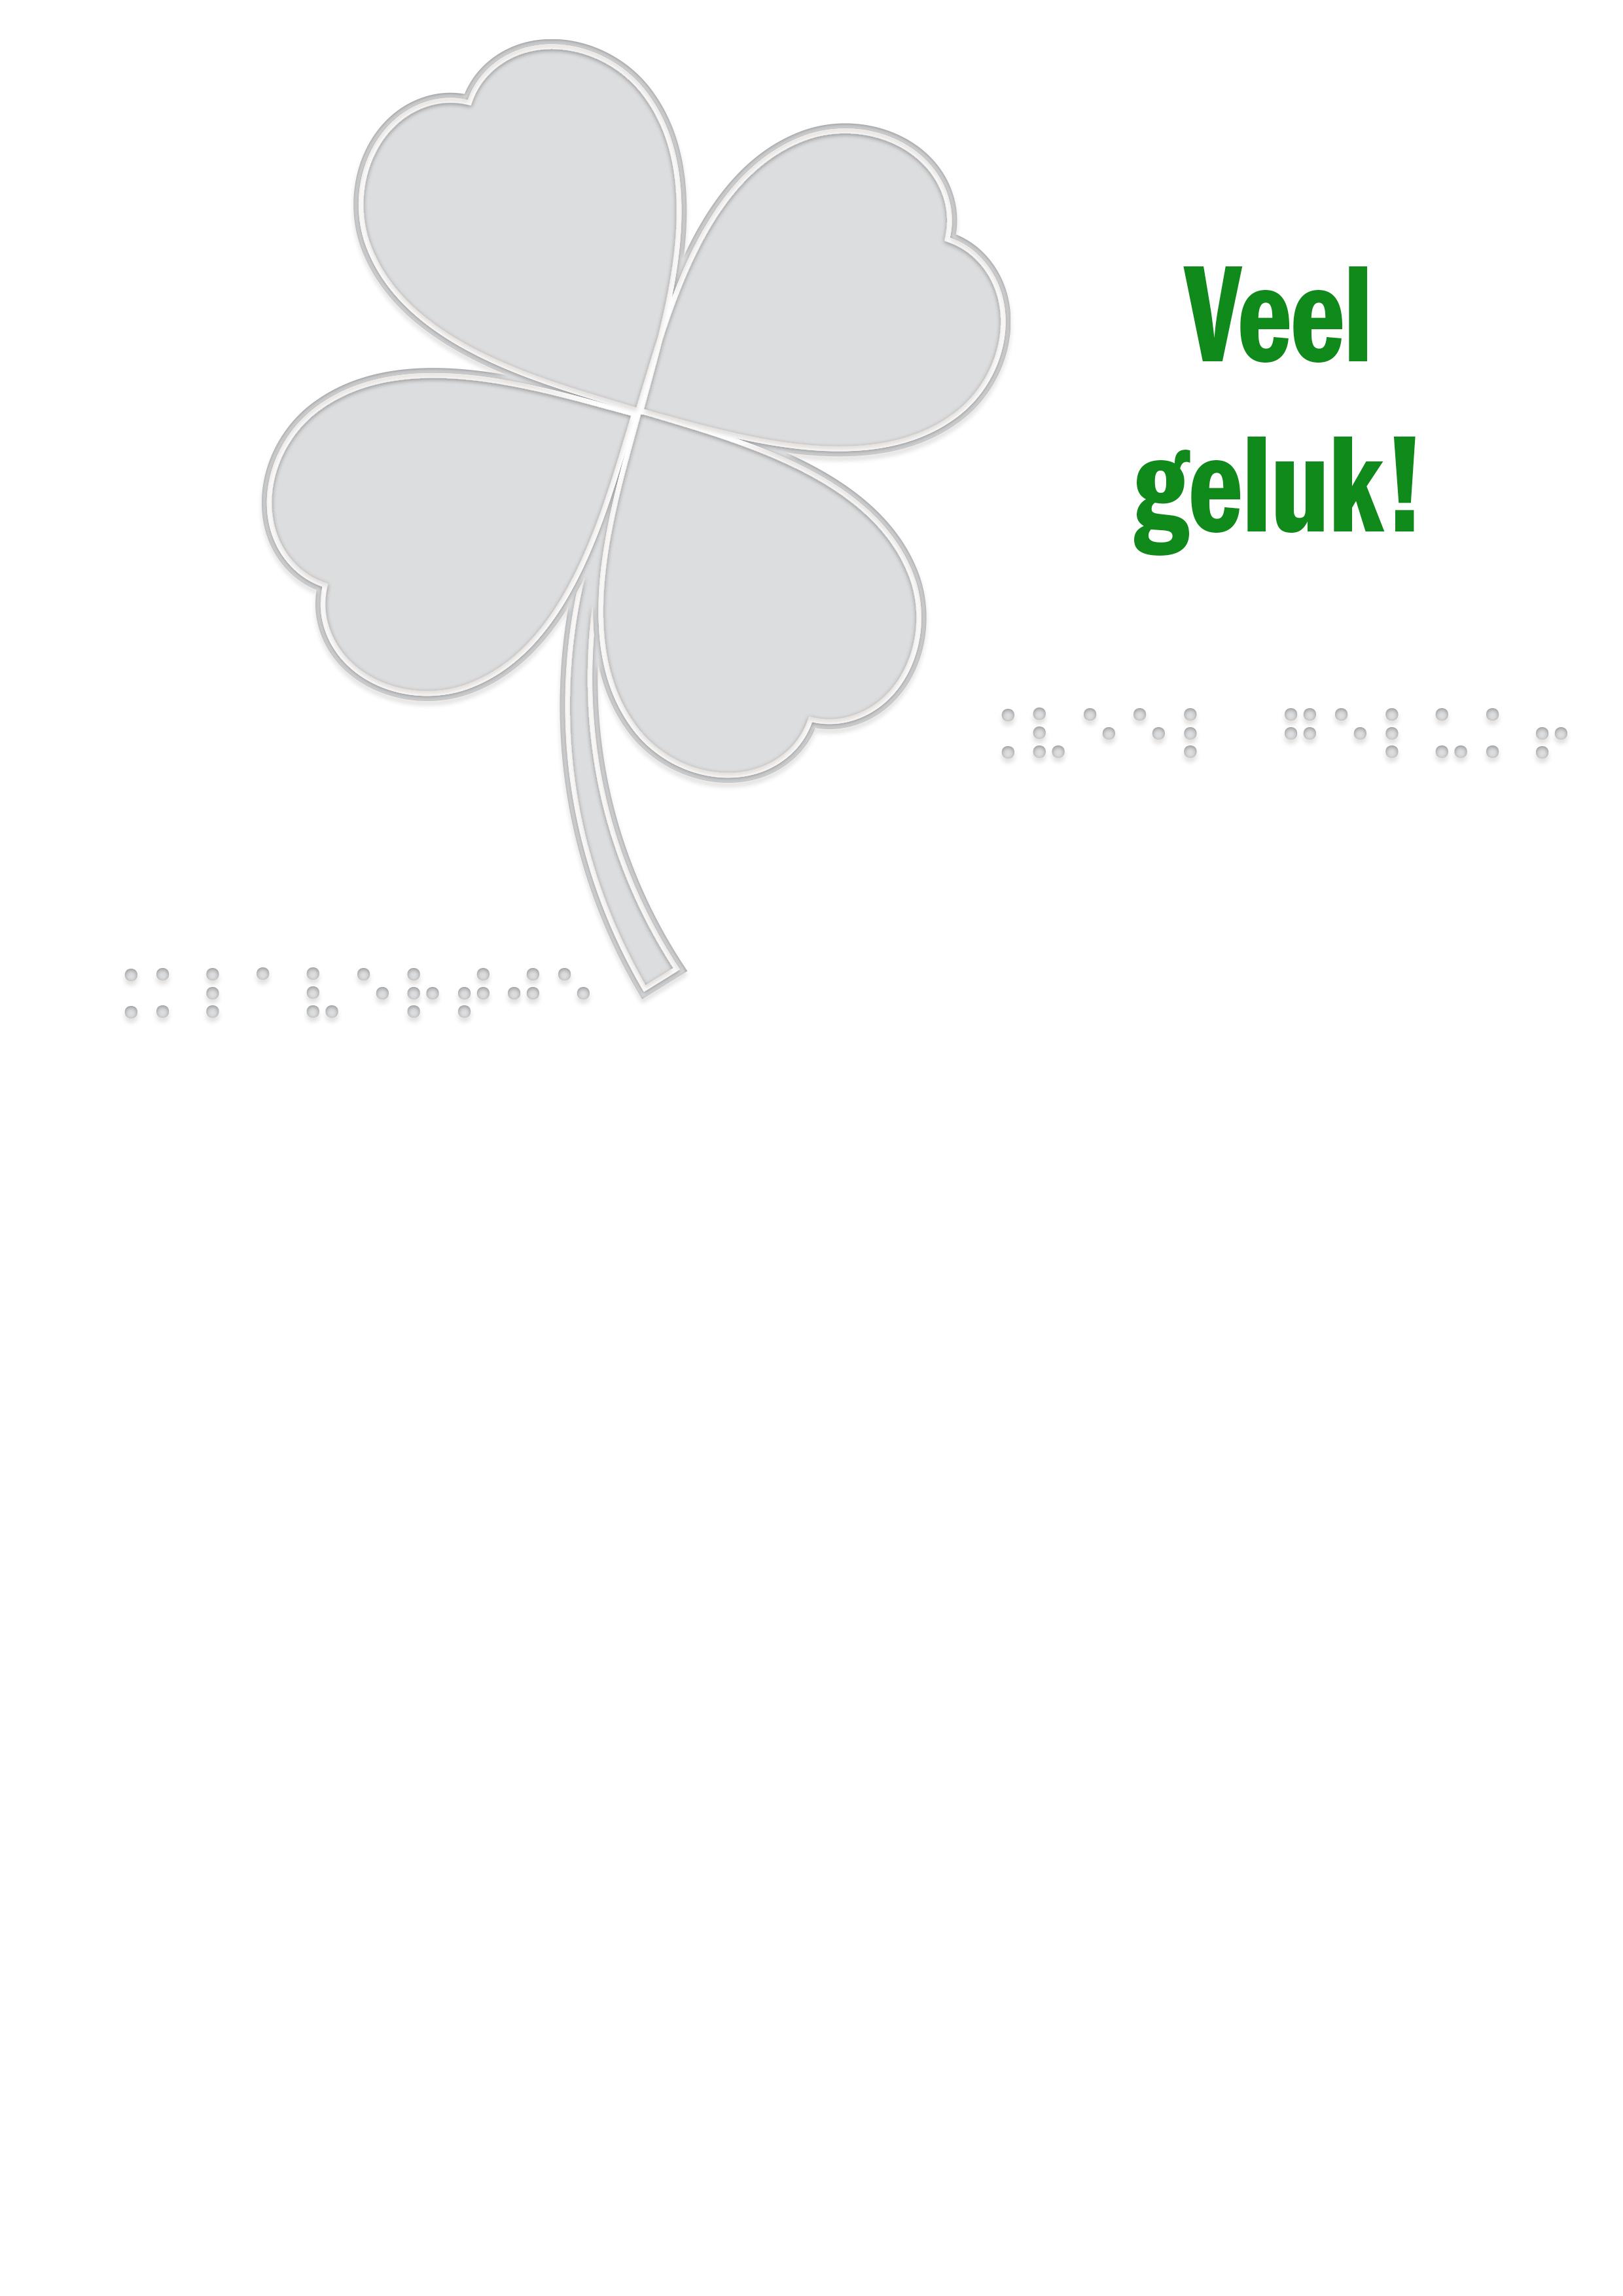 Voelbare wenskaart met braille en reliëf. In braille de tekst: Veel geluk! Met een voelbare afbeelding van een klavertje-vier.